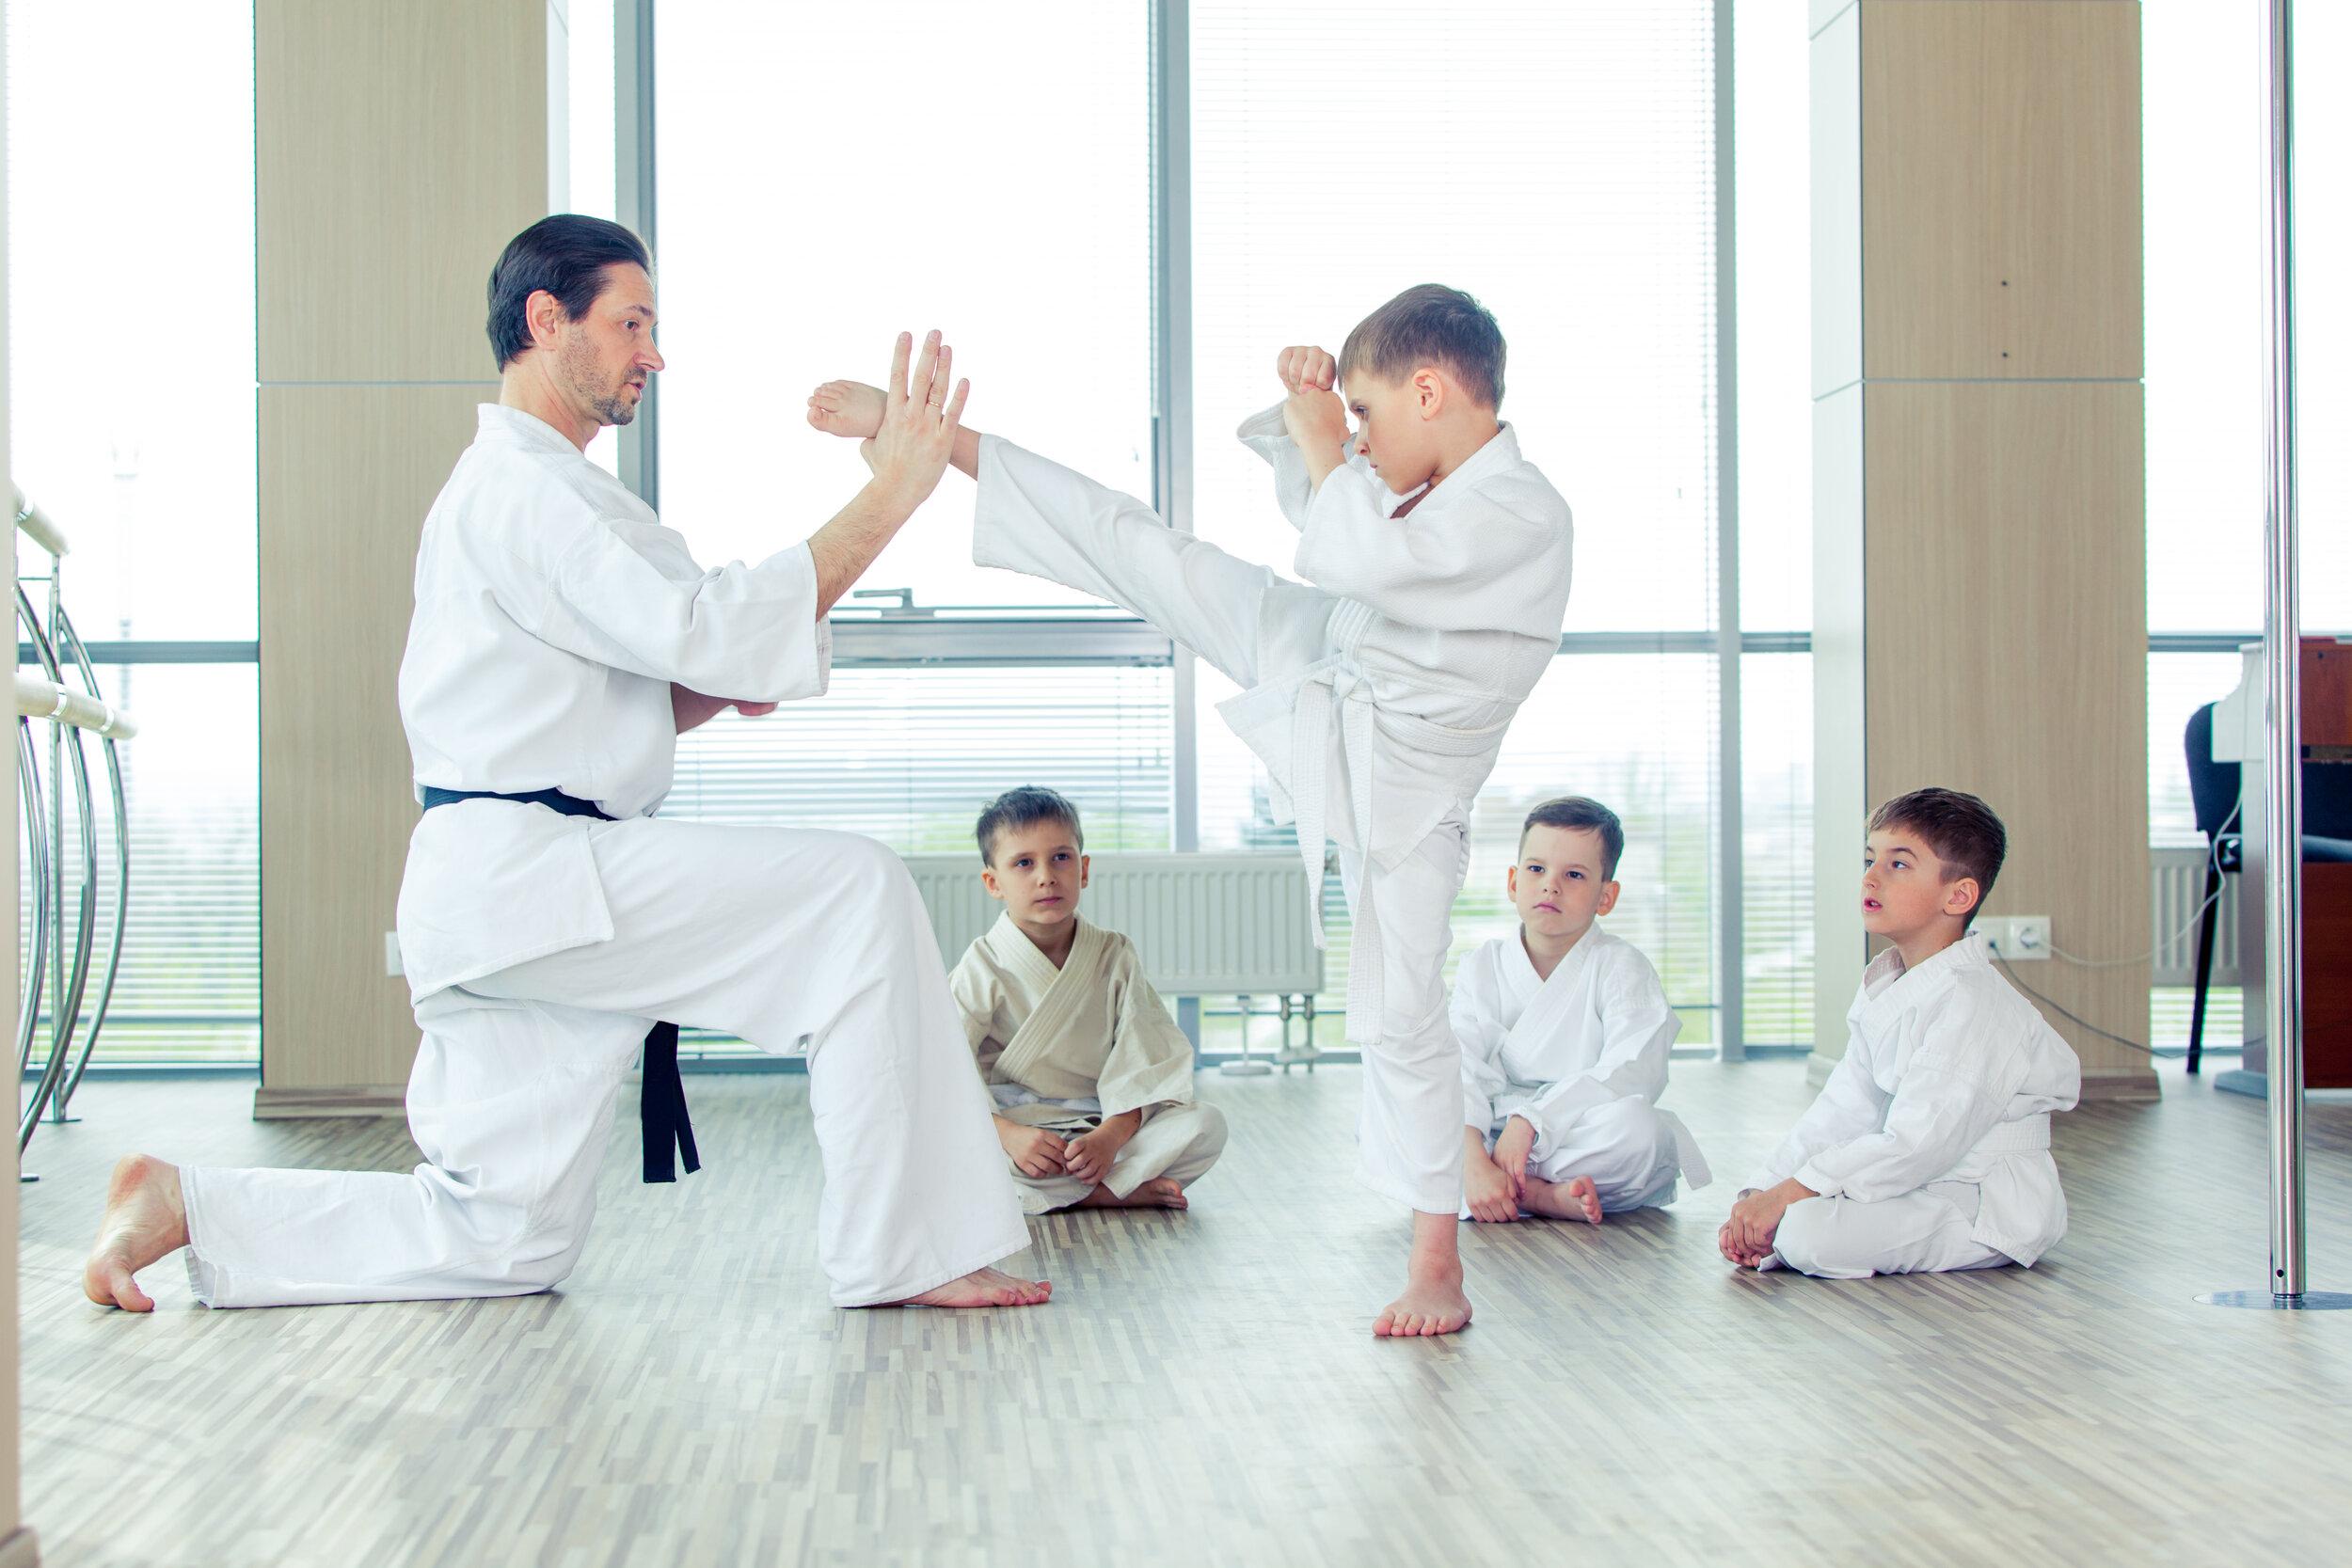 activité-enfant-parascolaire-suivre-un-cours-karaté-discipline